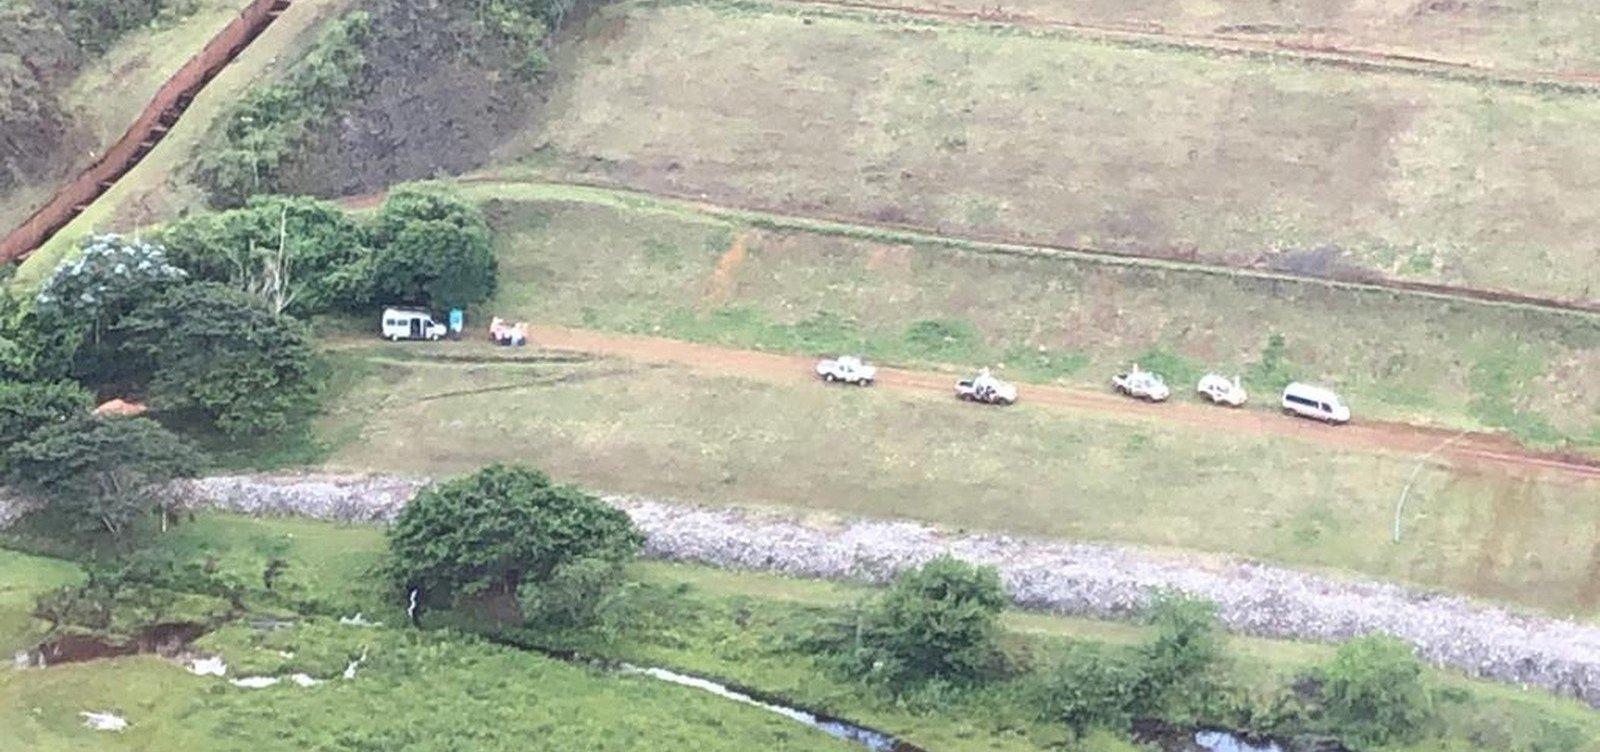 Sob risco, rompimento de barragem em MG pode atingir 10 mil pessoas